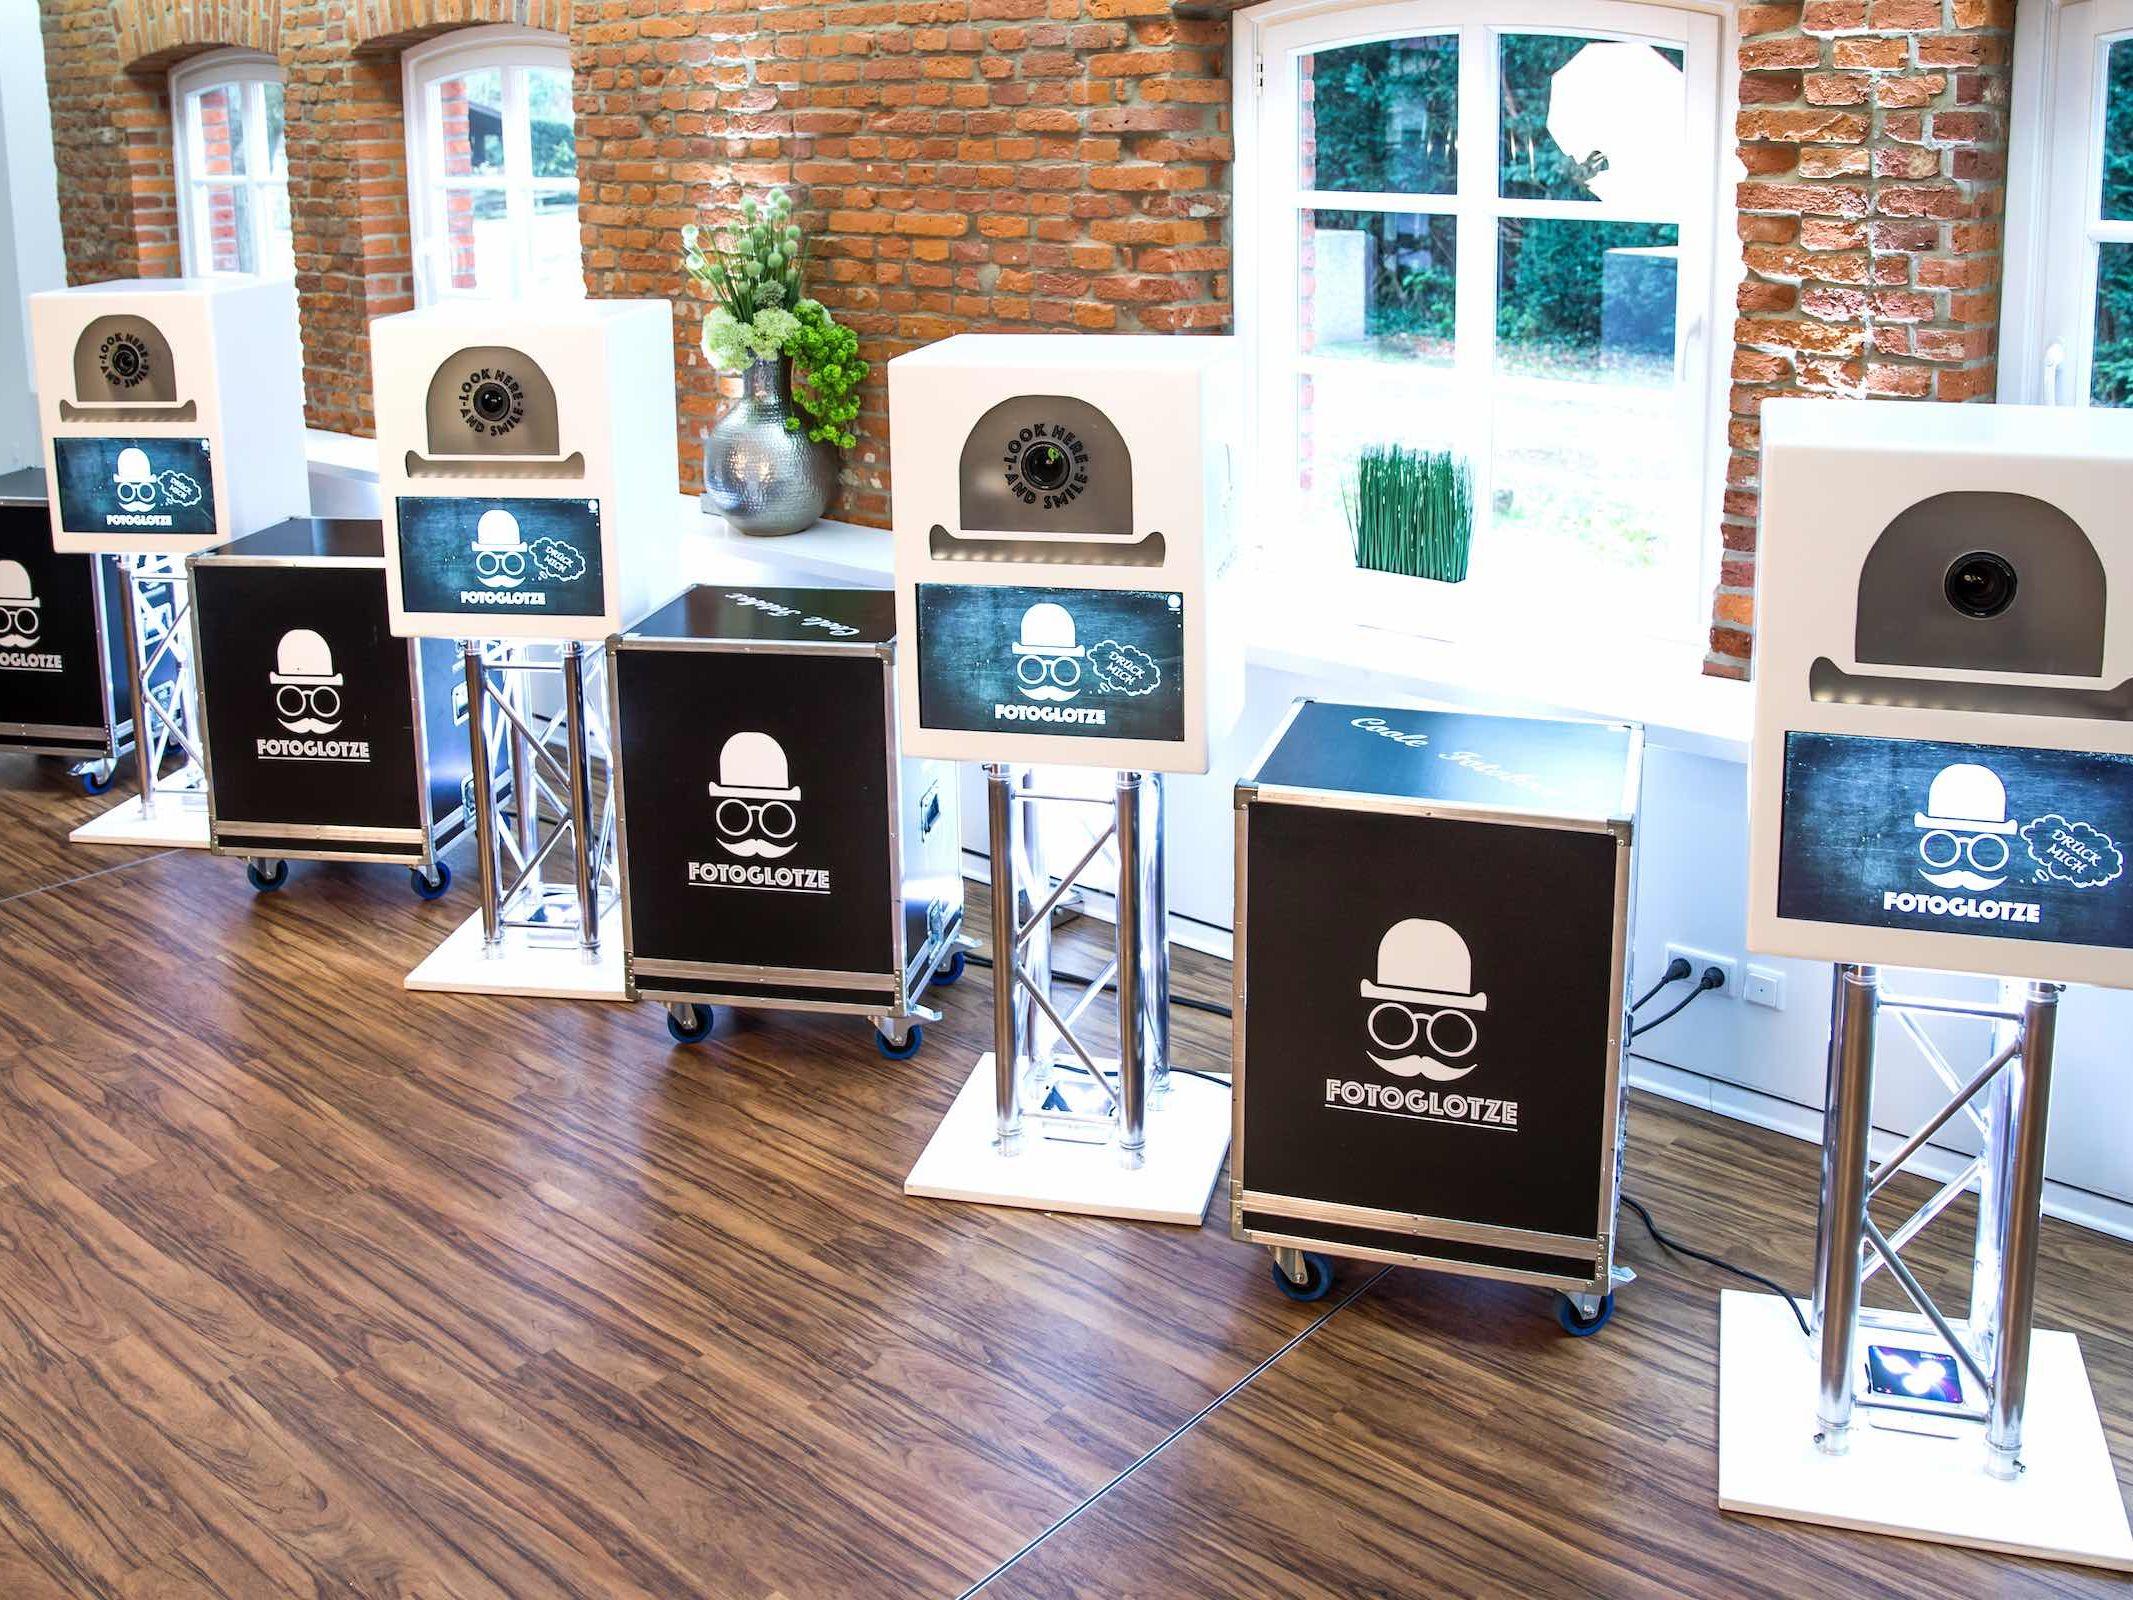 Fotobox | Hameln | Mieten | Druck | Ausdruck | Sofortdruck | Fotokiste | Photobooth | Fotoautomat | Hannover | Hochzeit | Messe | Firmenfeier | Fotokiste | Abiball | Buchen | Mieten | Fotoglotze | Lehmann | Eventservice